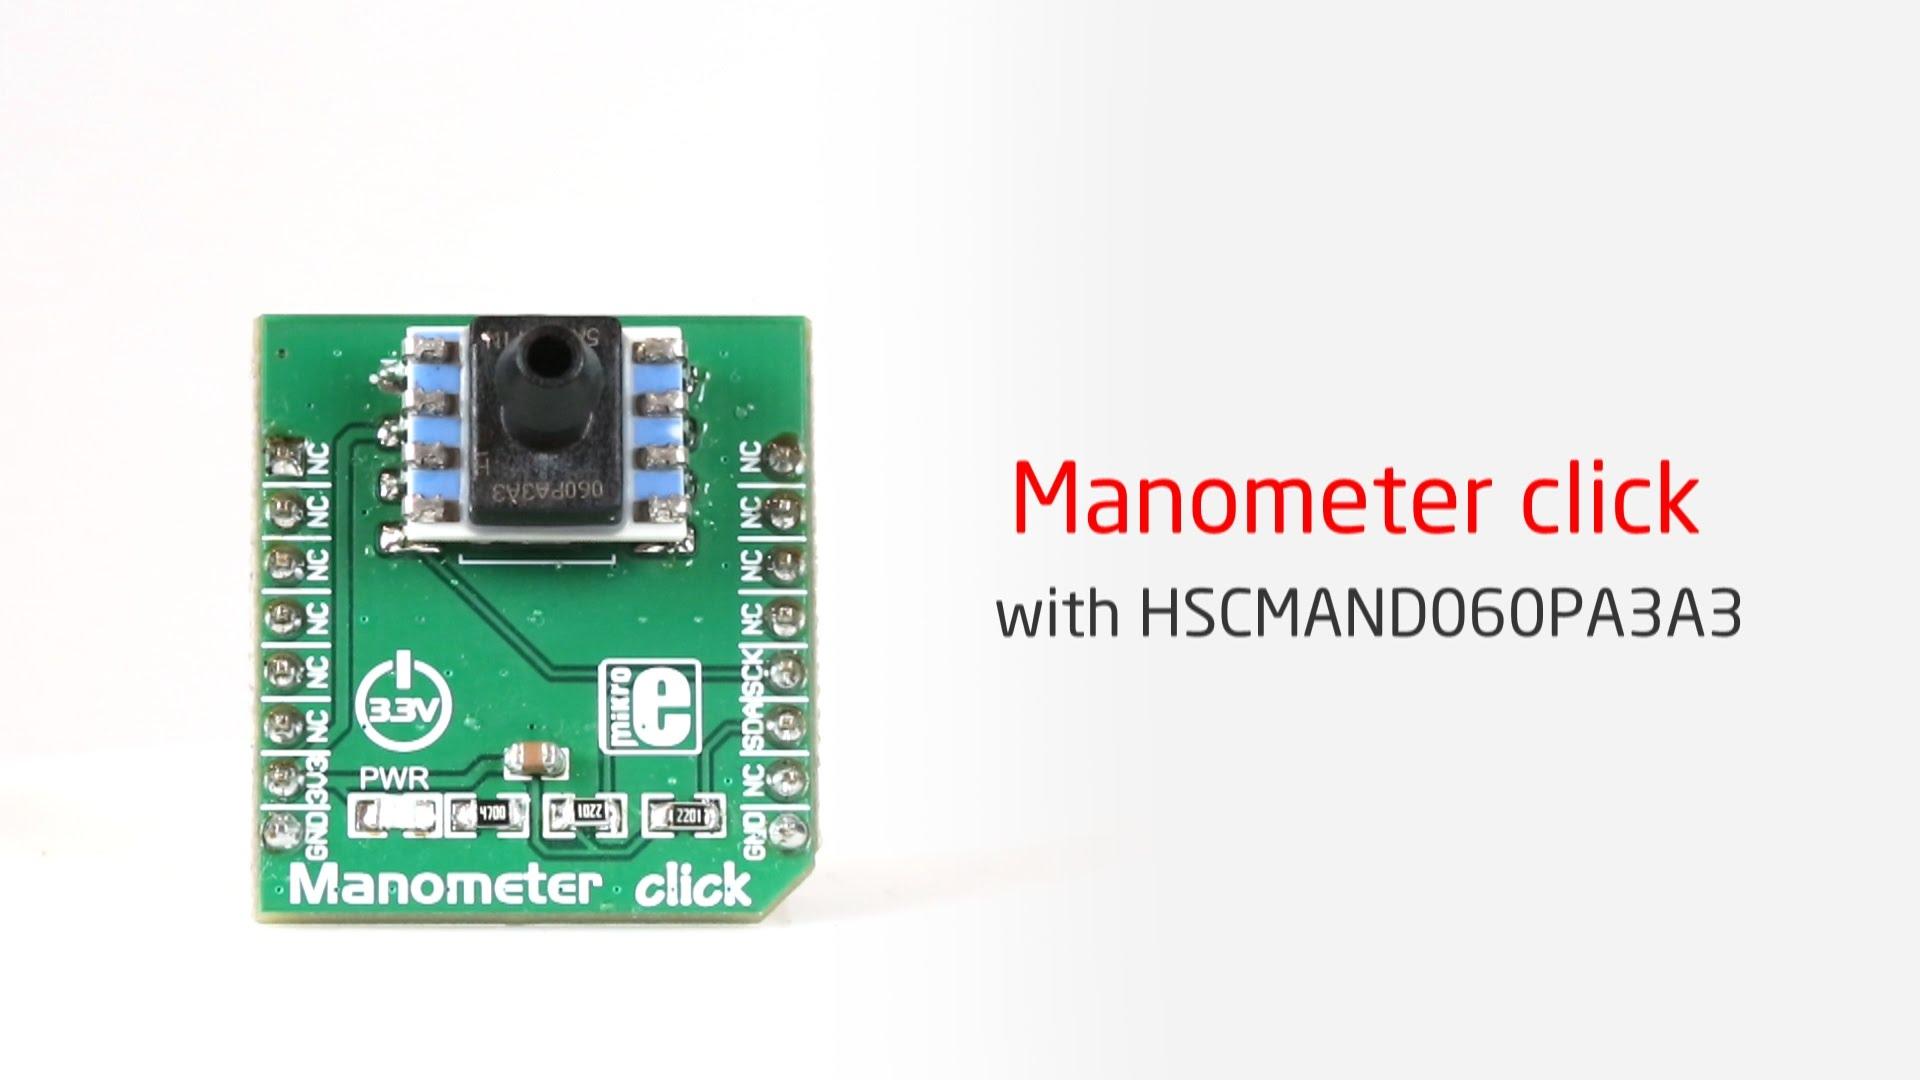 Honeywell's industrial grade sensor on a click board